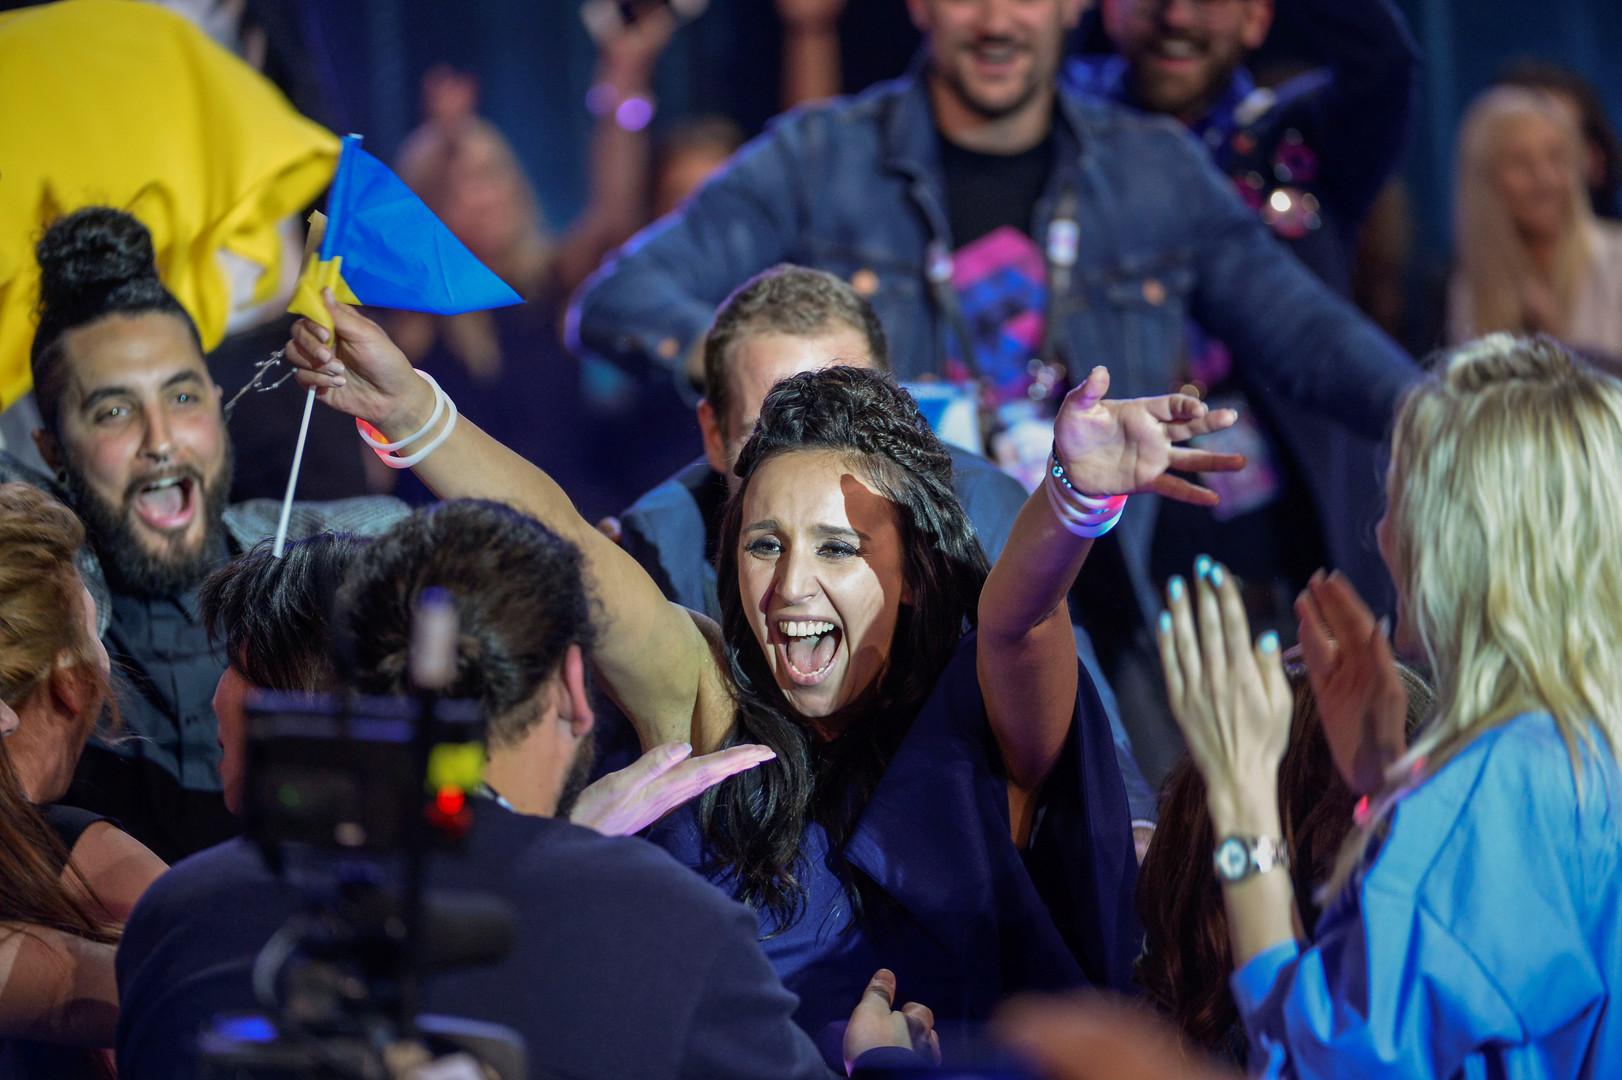 «Политическая украинская песня побеждает на «Евровидении»: СМИ о результатах конкурса